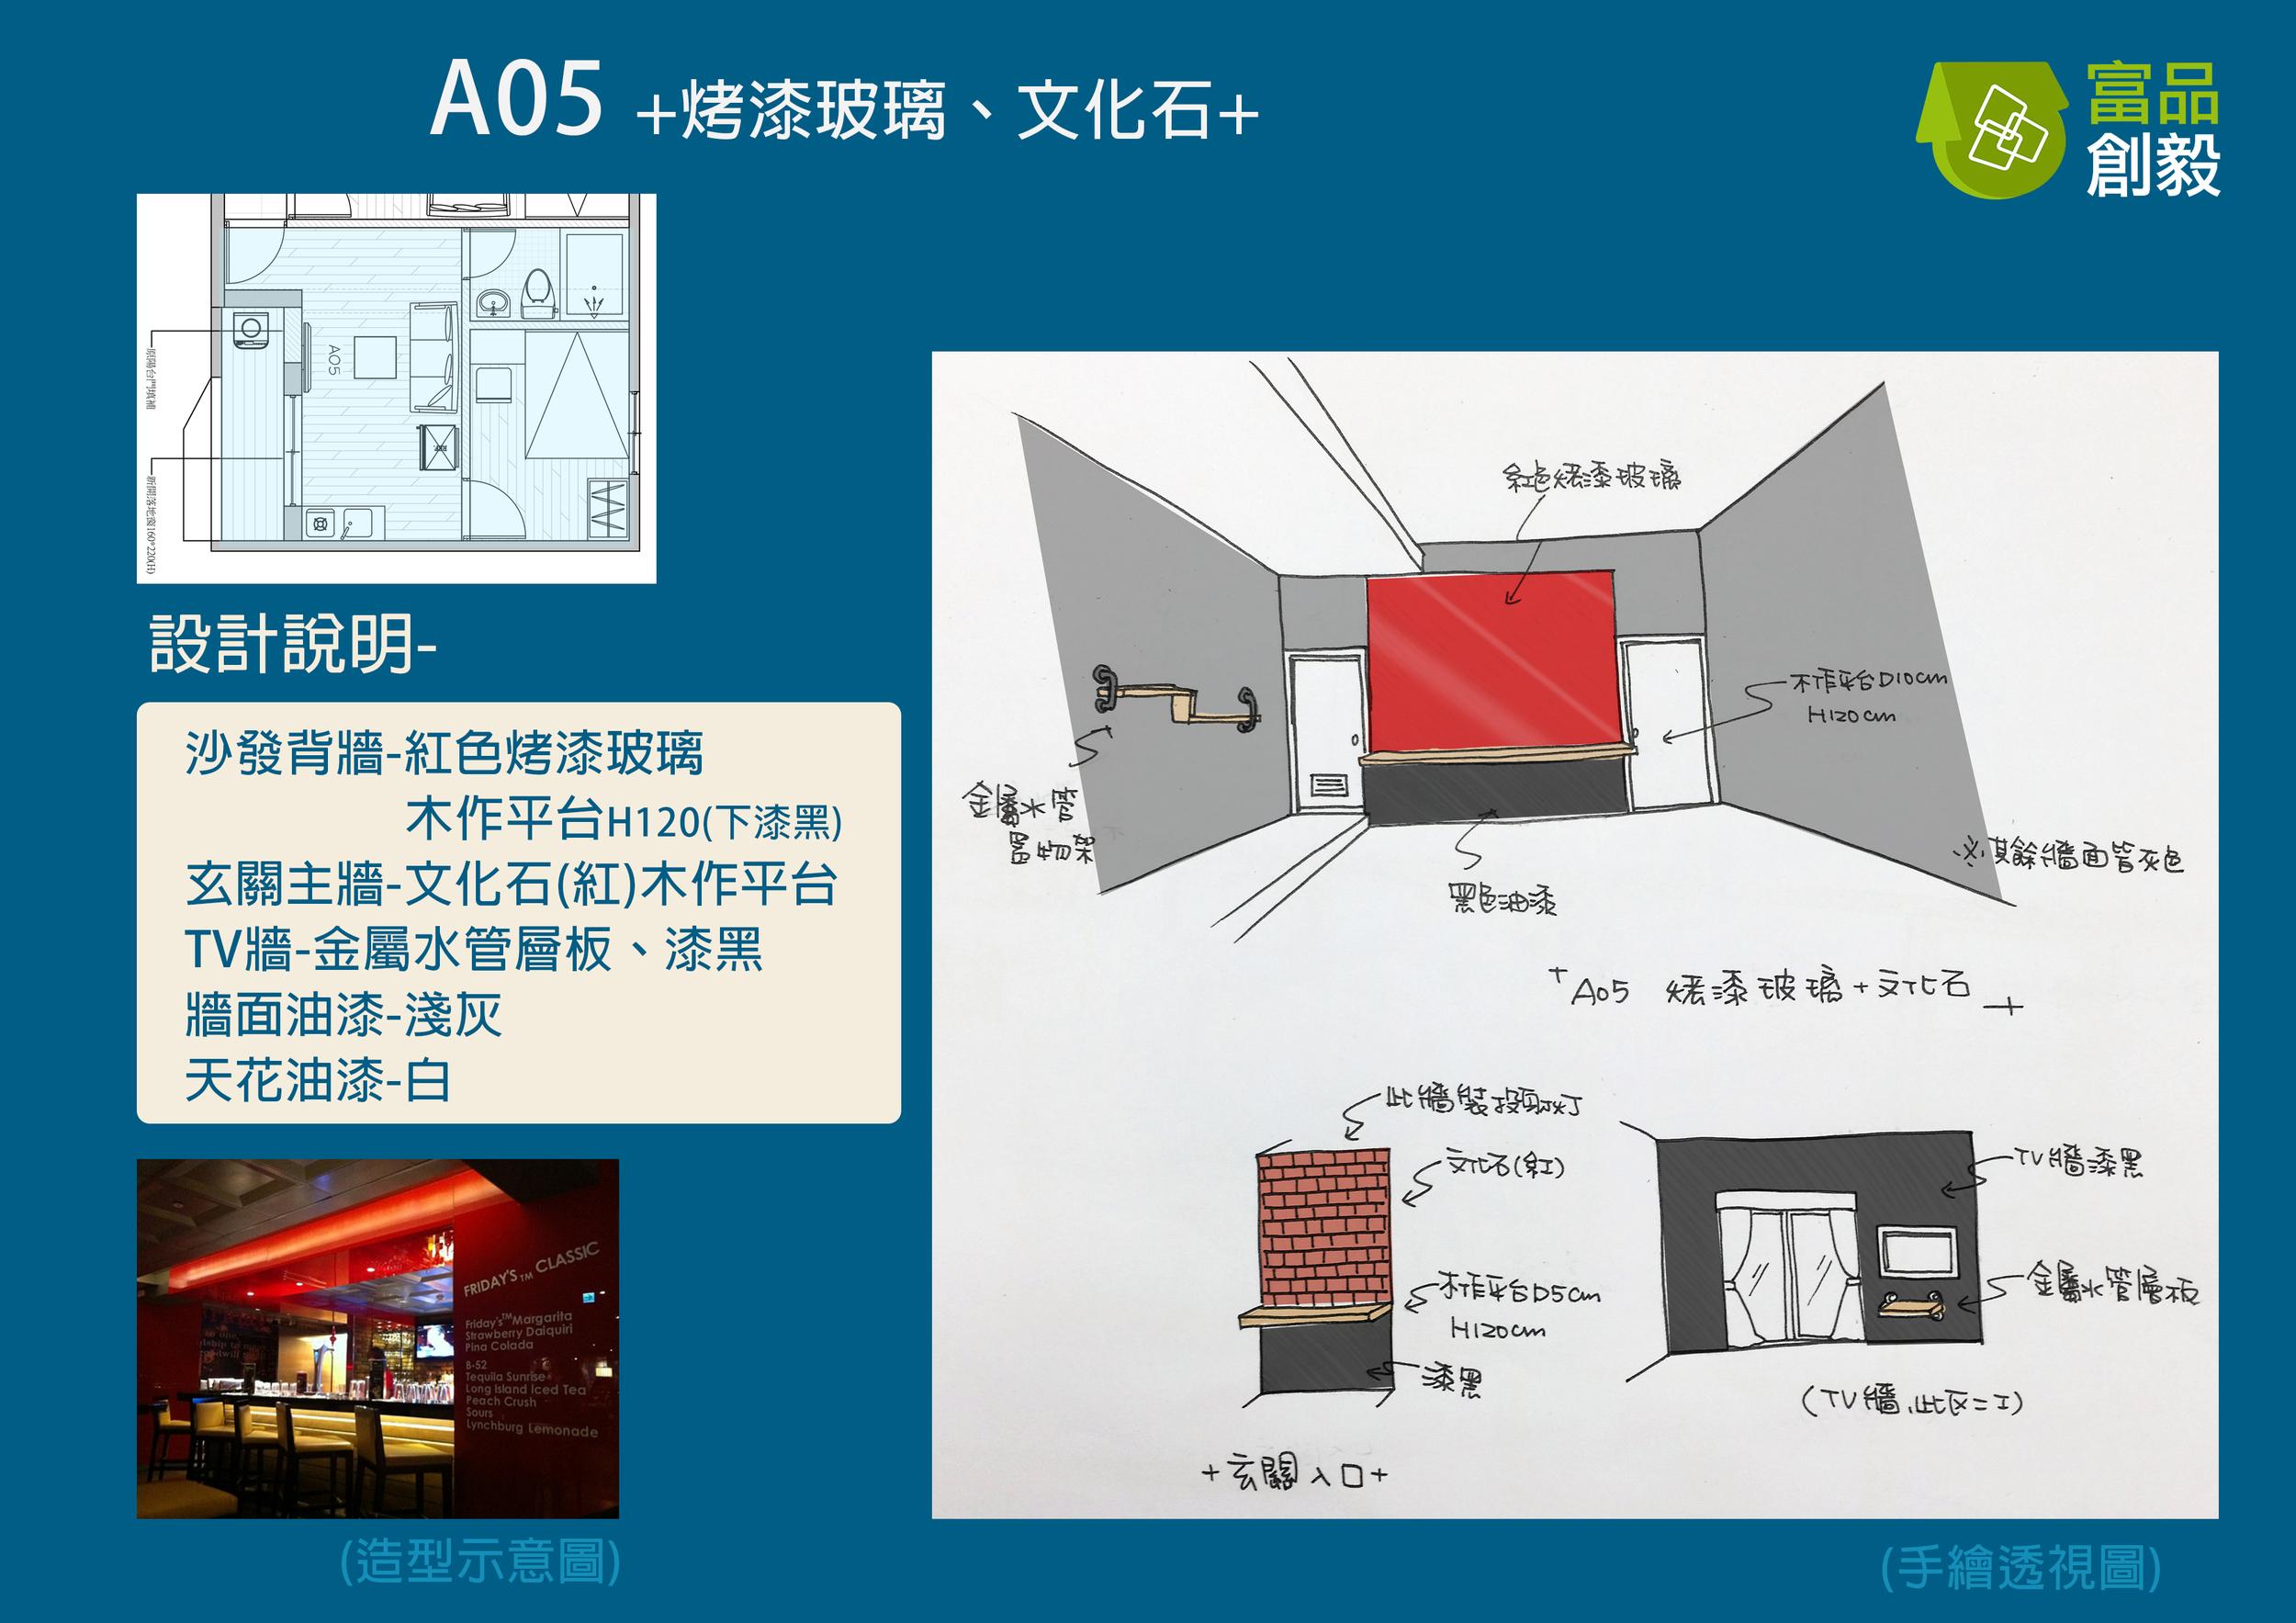 長江路風格-A05.jpg